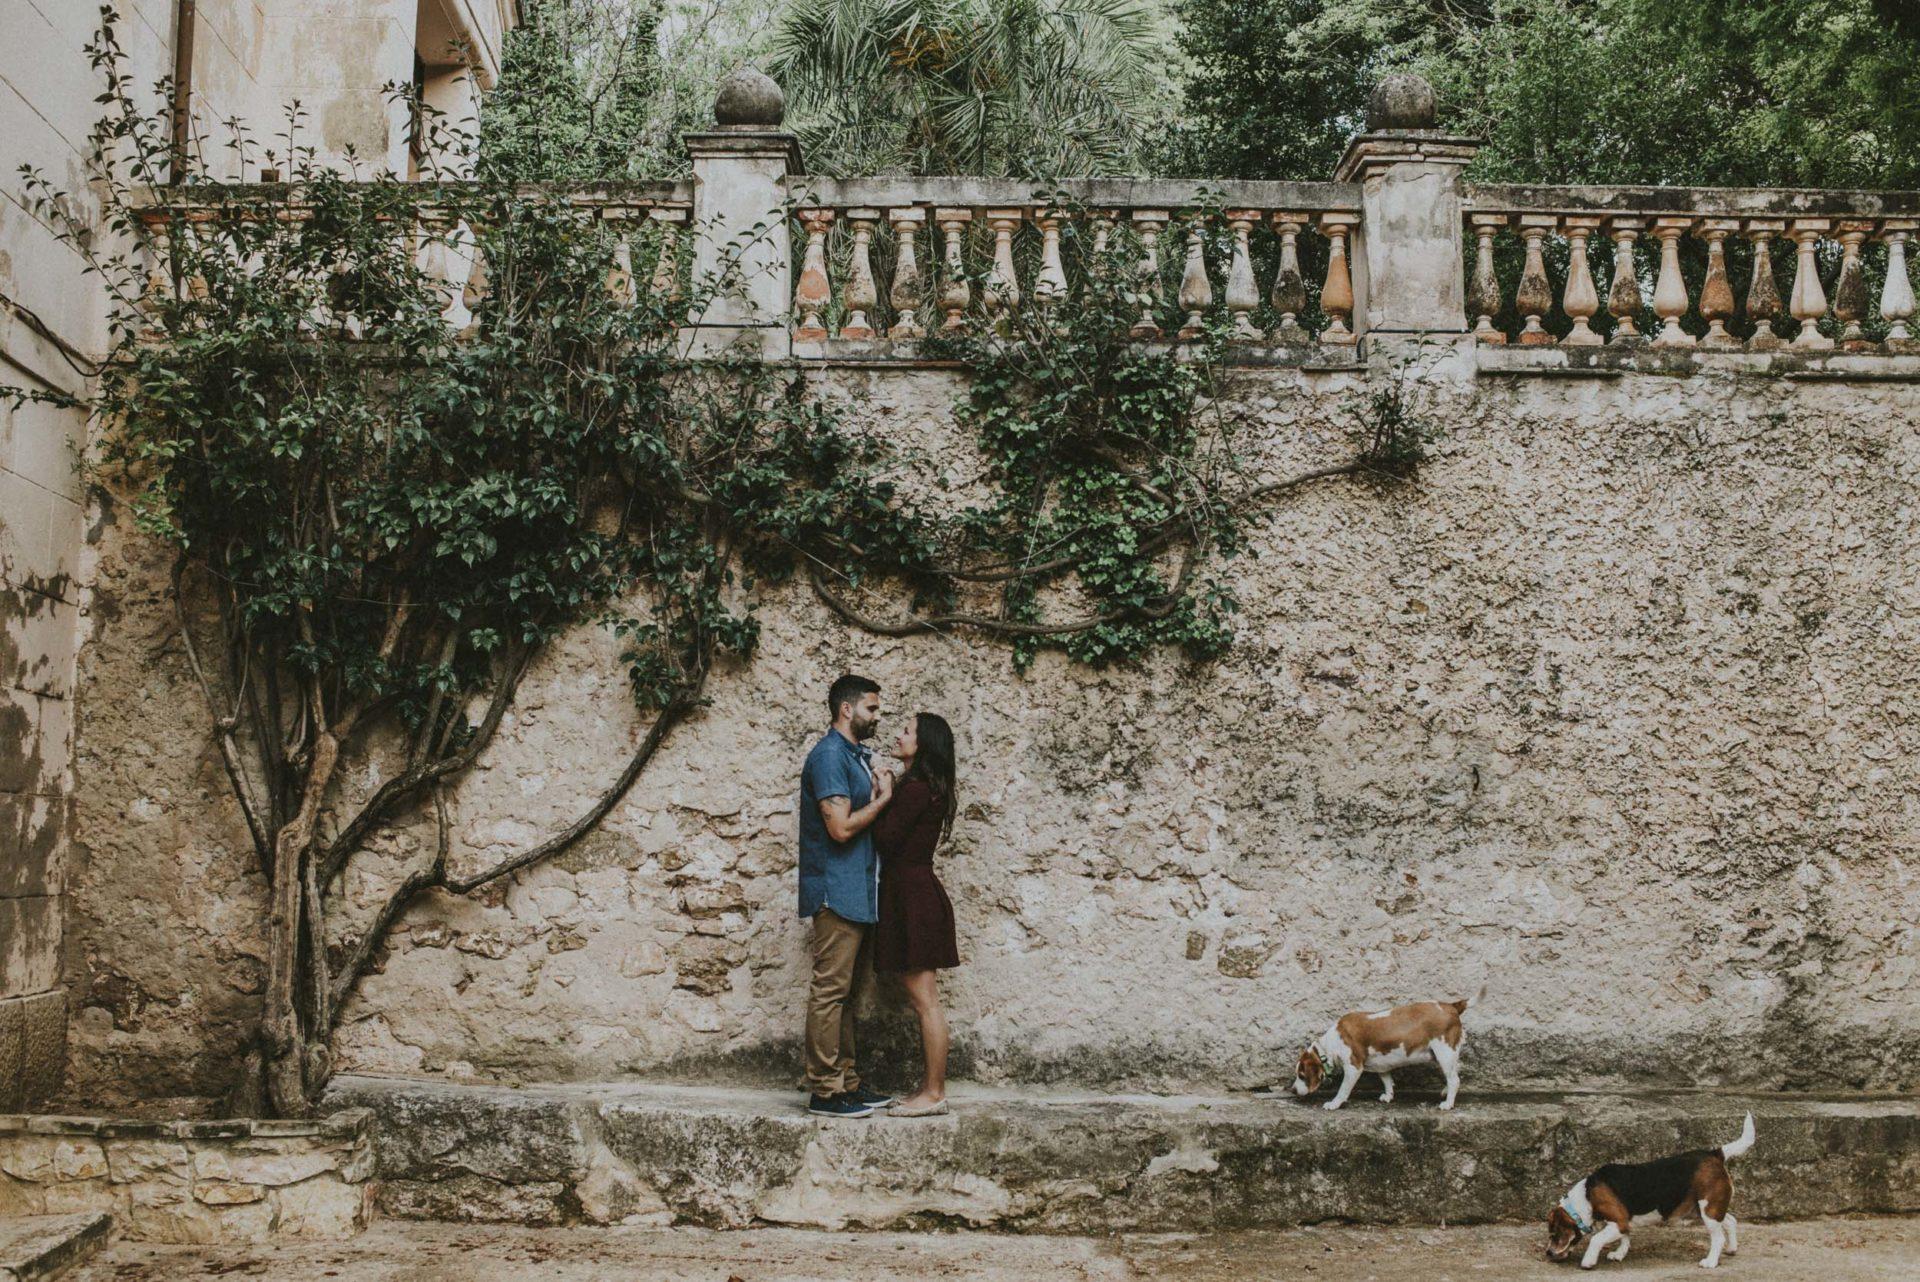 preboda,Pre-wedding, Gandia, Valencia, Judit, Juan, Bodas, Fotógrafos